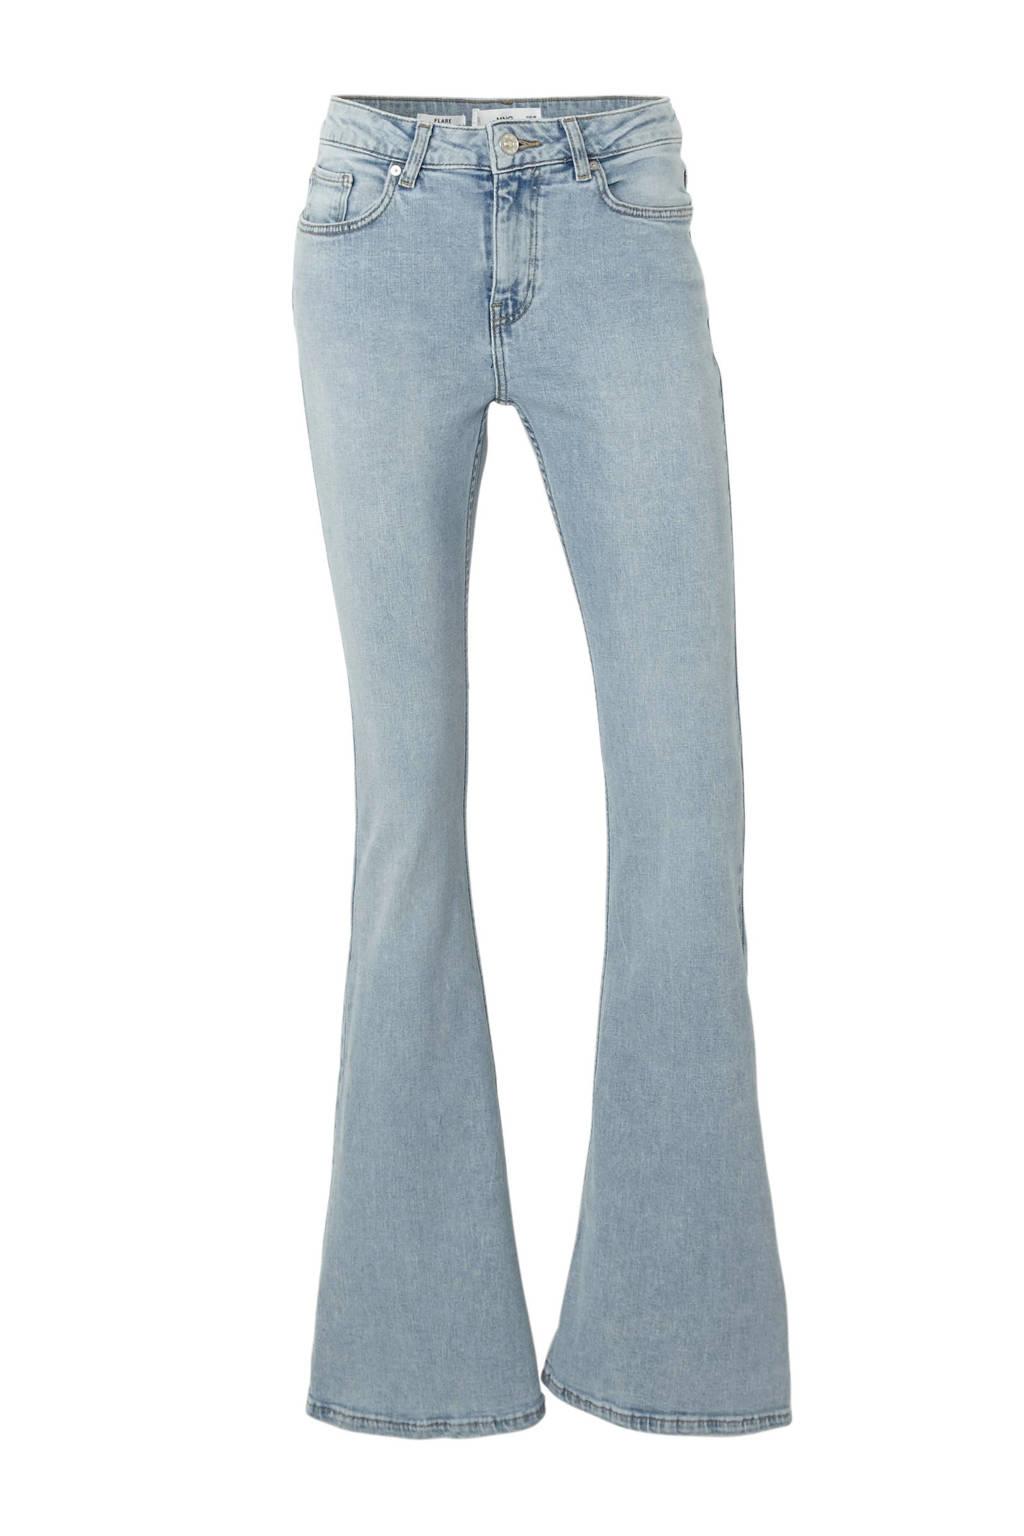 Mango high waist flared jeans, Light denim